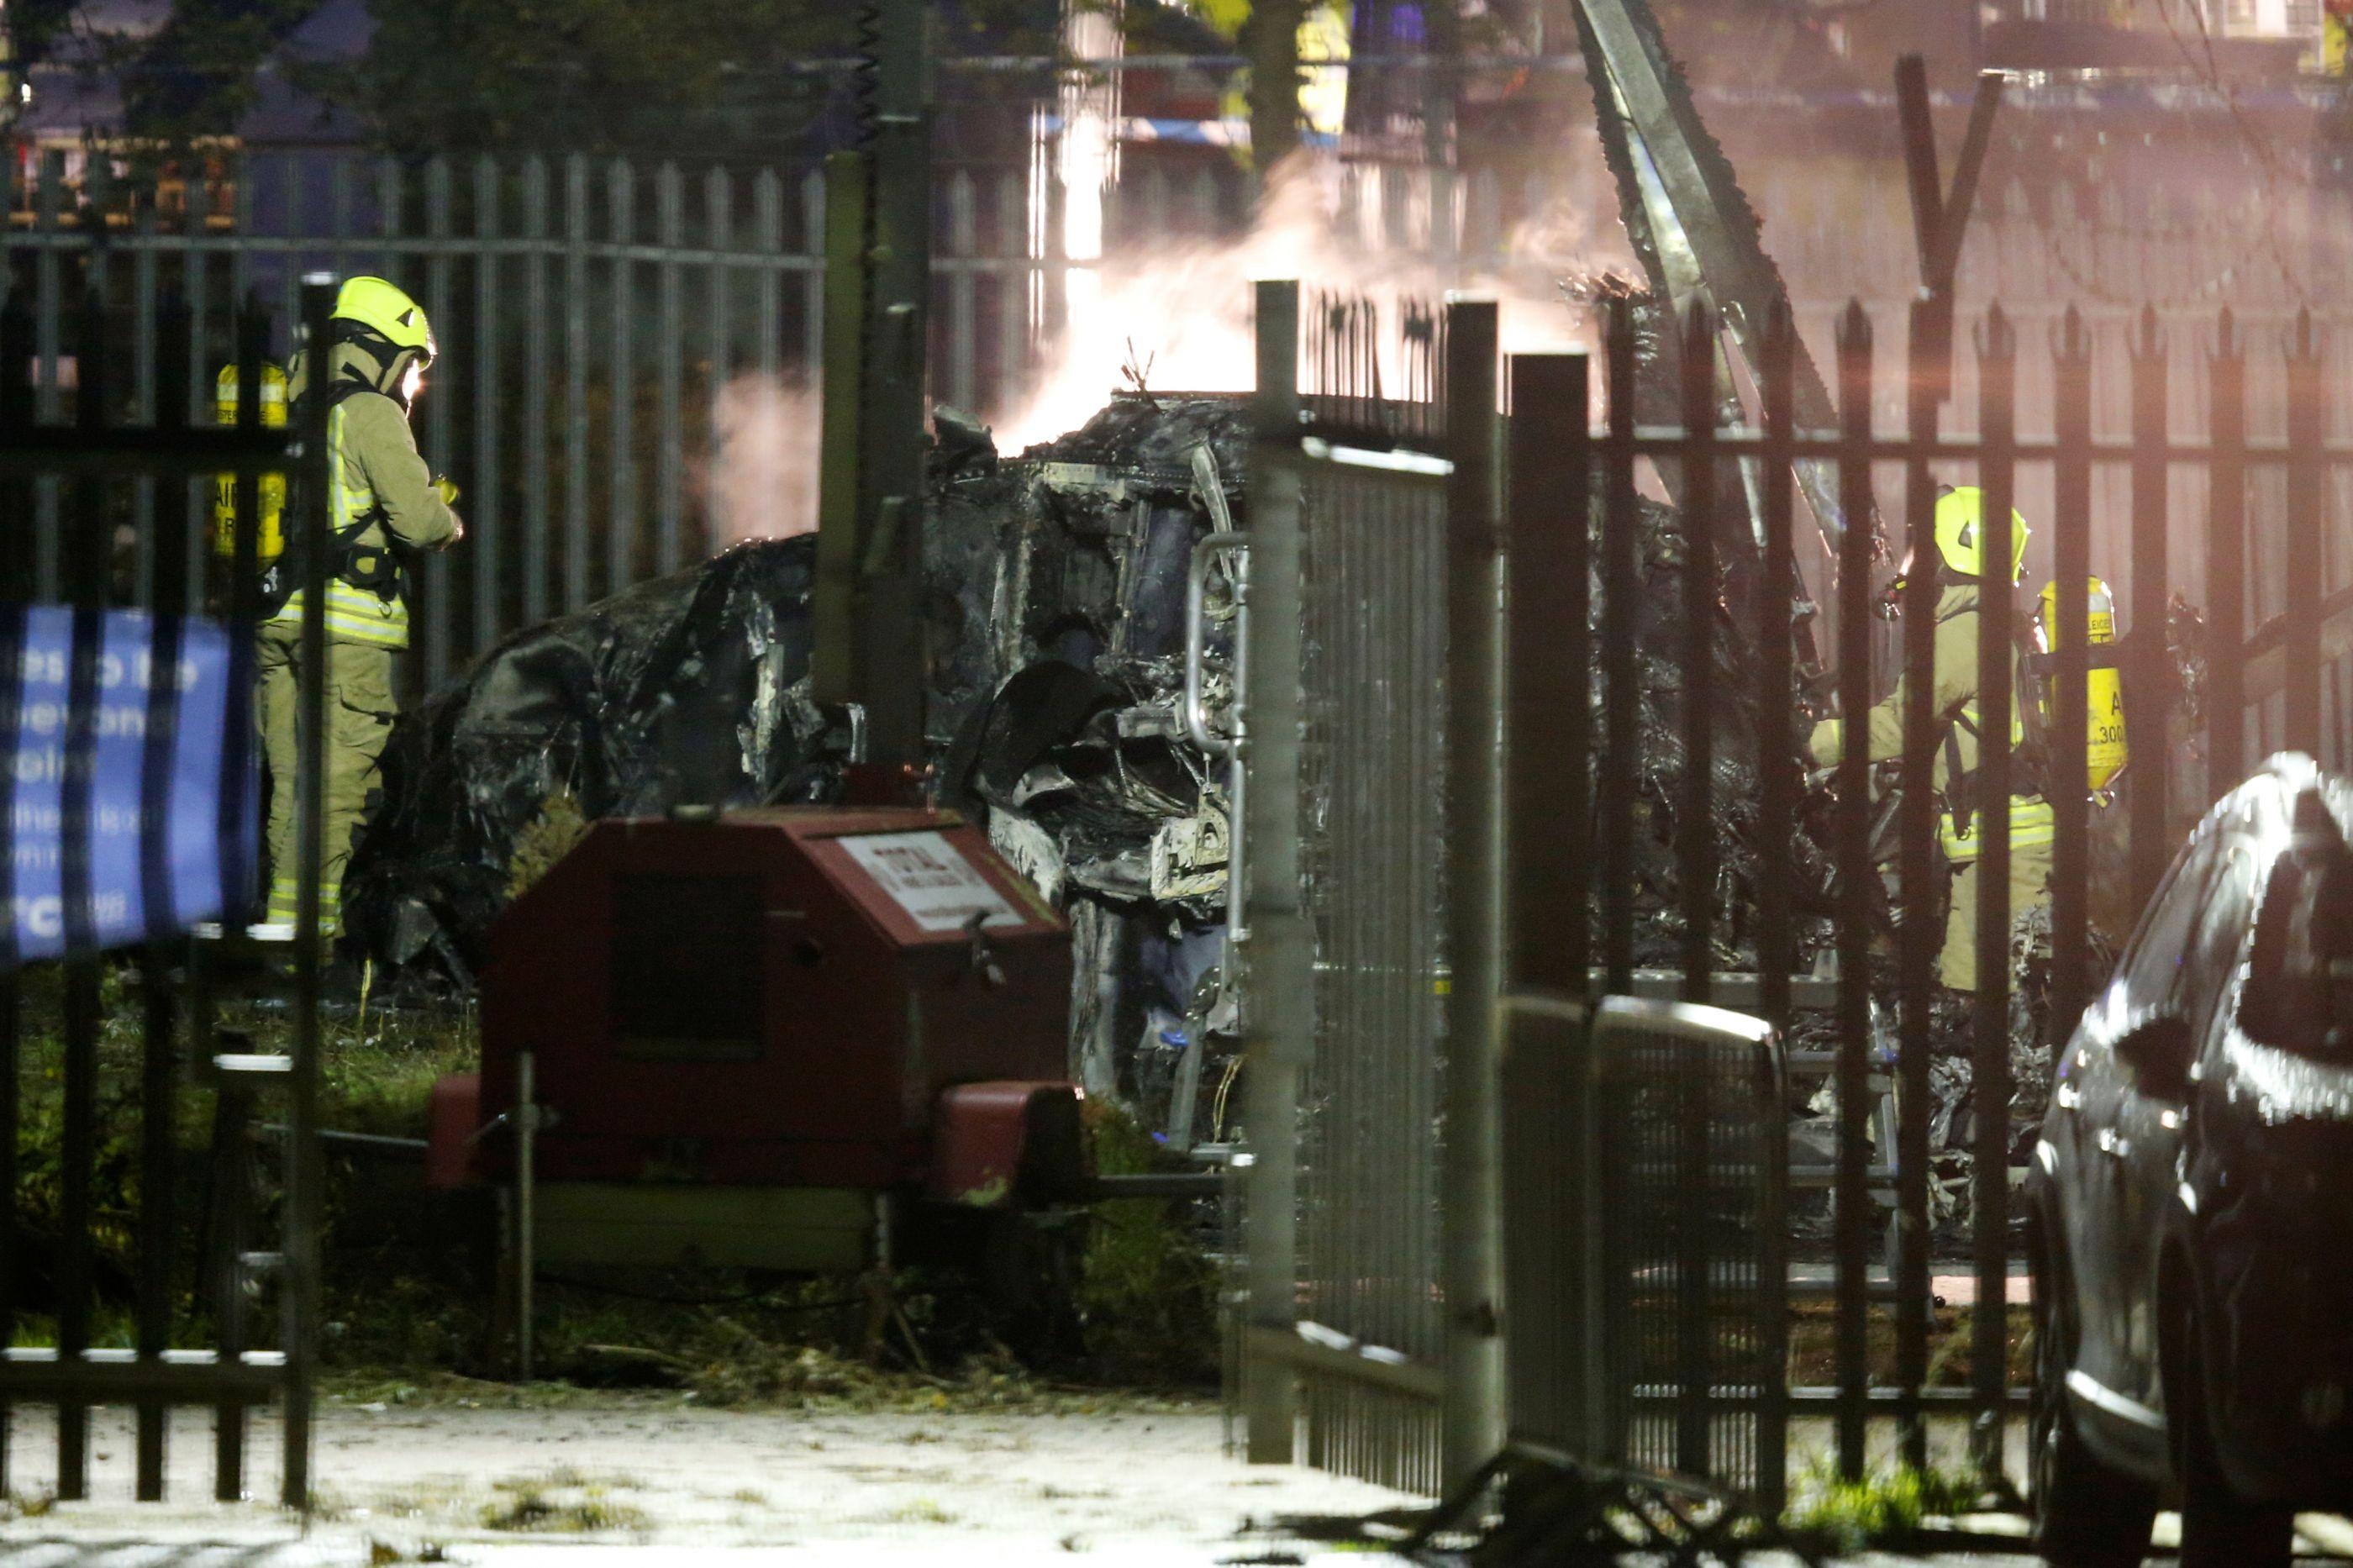 Piloto de helicóptero do Leicester pode ter evitado tragédia ainda maior